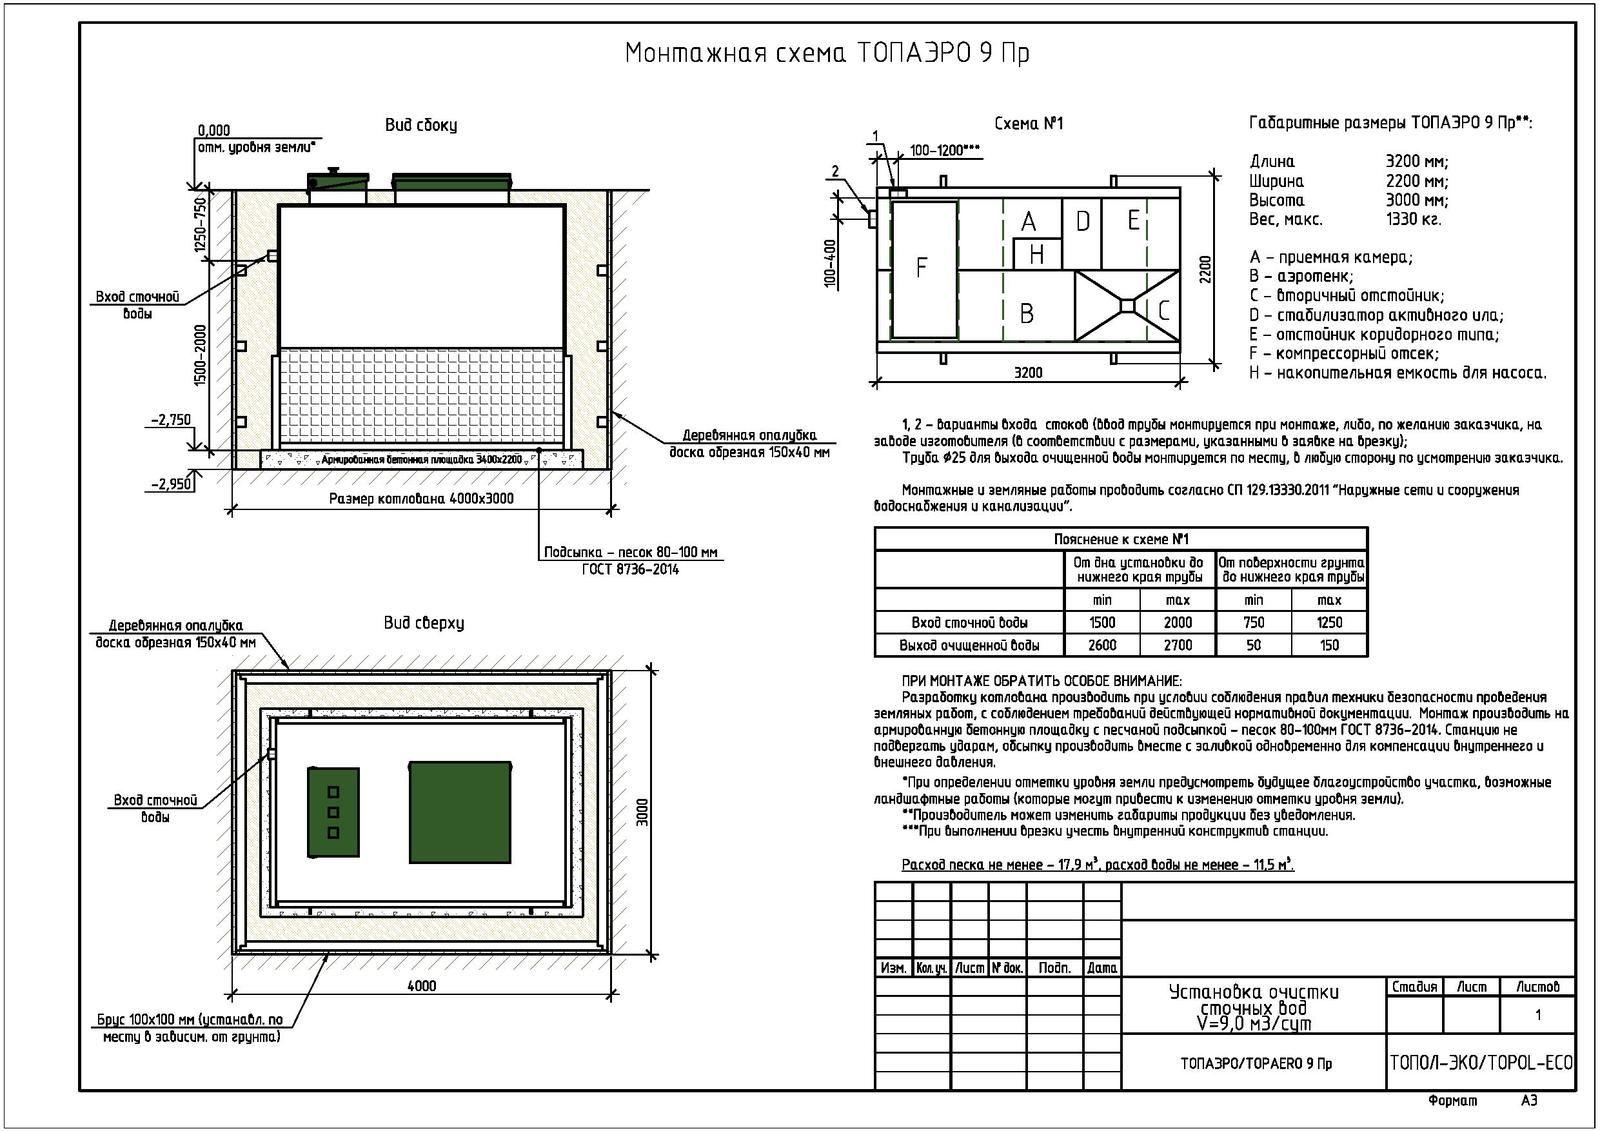 Монтажная схема септика Топаэро 9 ПР